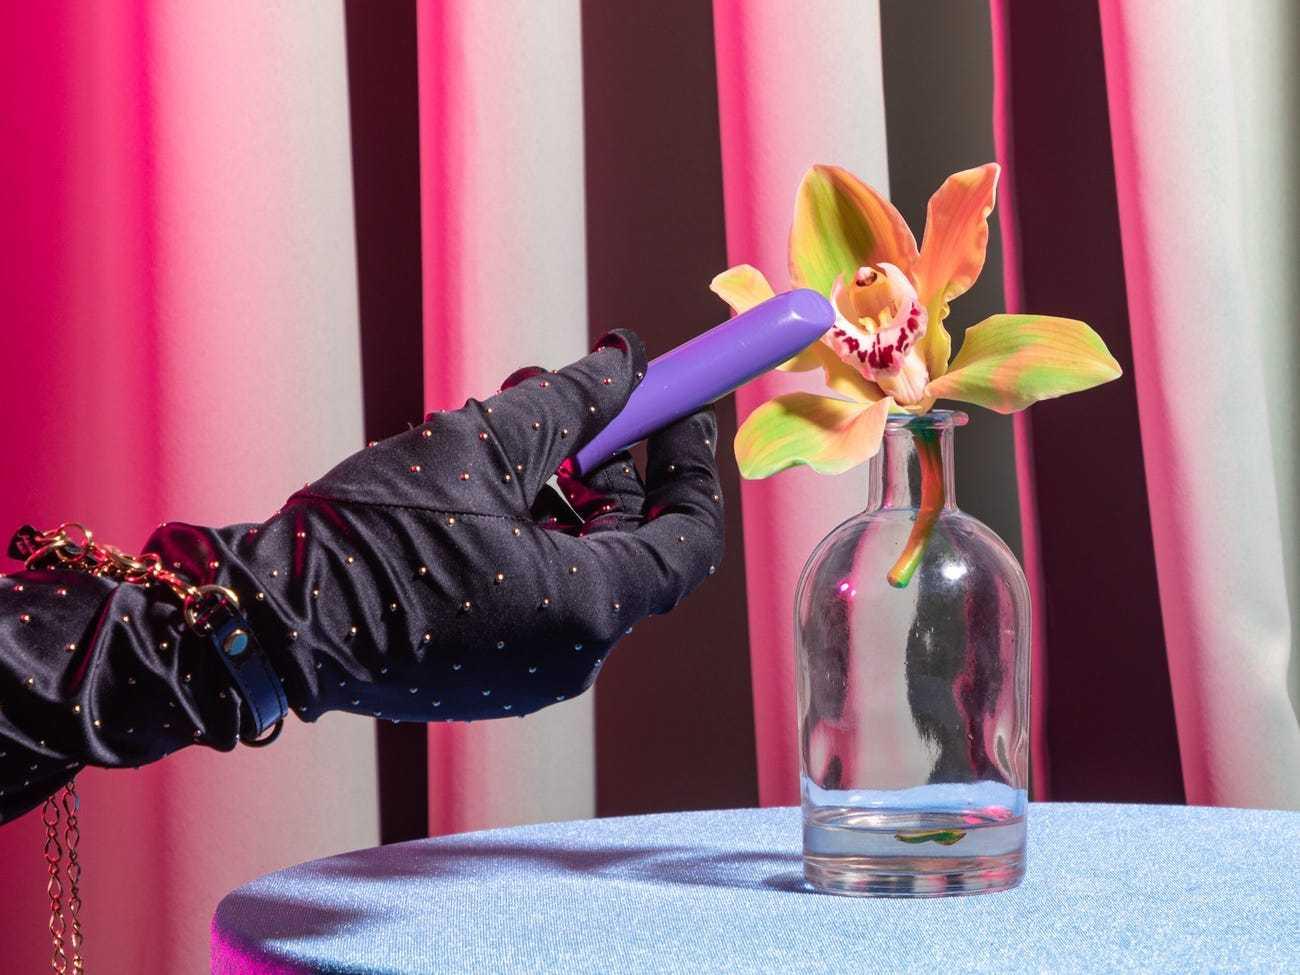 """卫报:隔离期间怎么消除寂寞?荷兰政府建议单身人士找""""固定伴侣"""""""